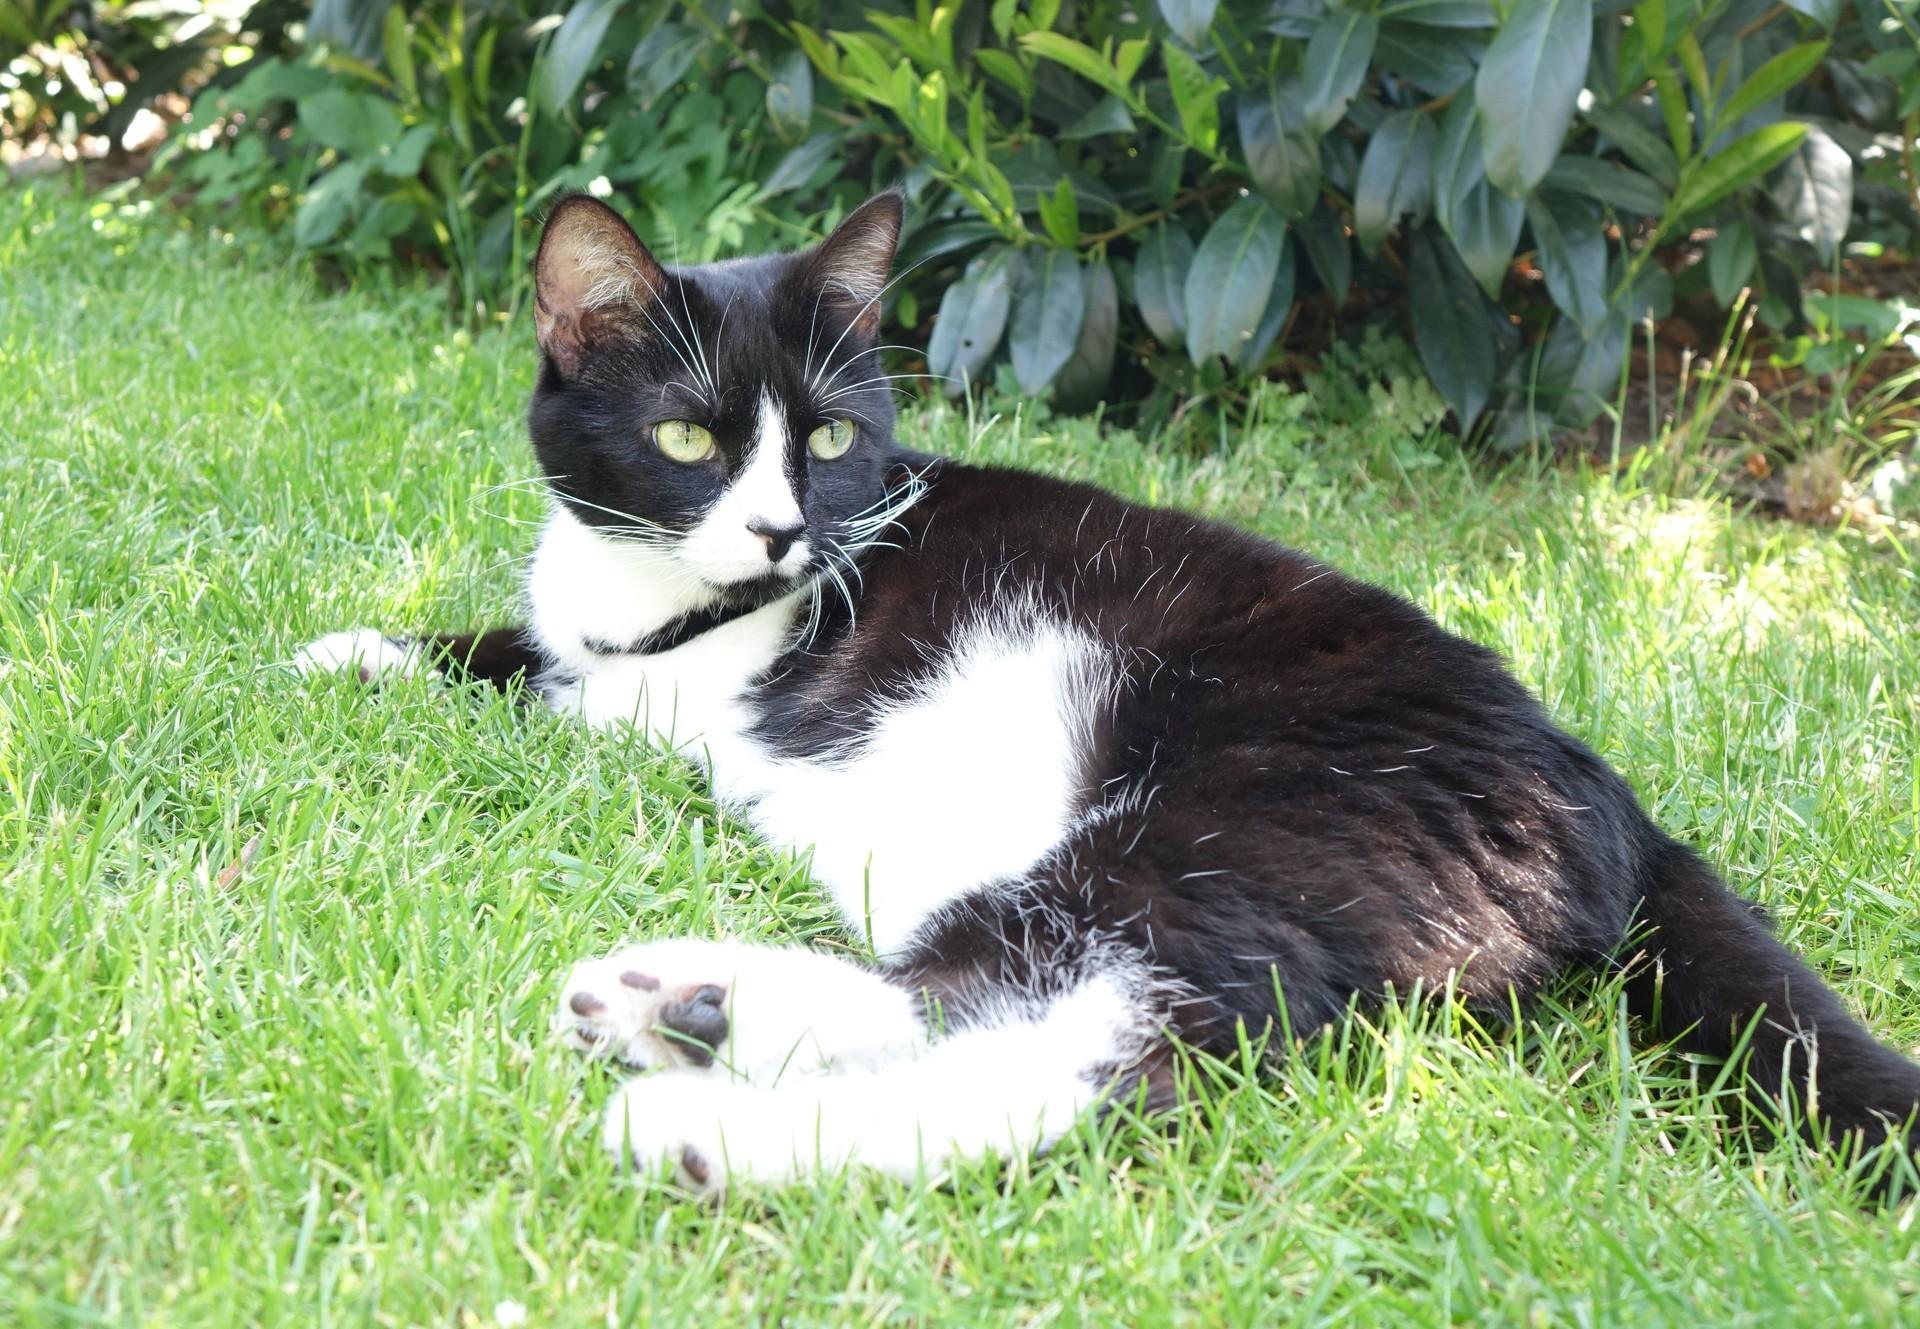 Katze liegt im Gras